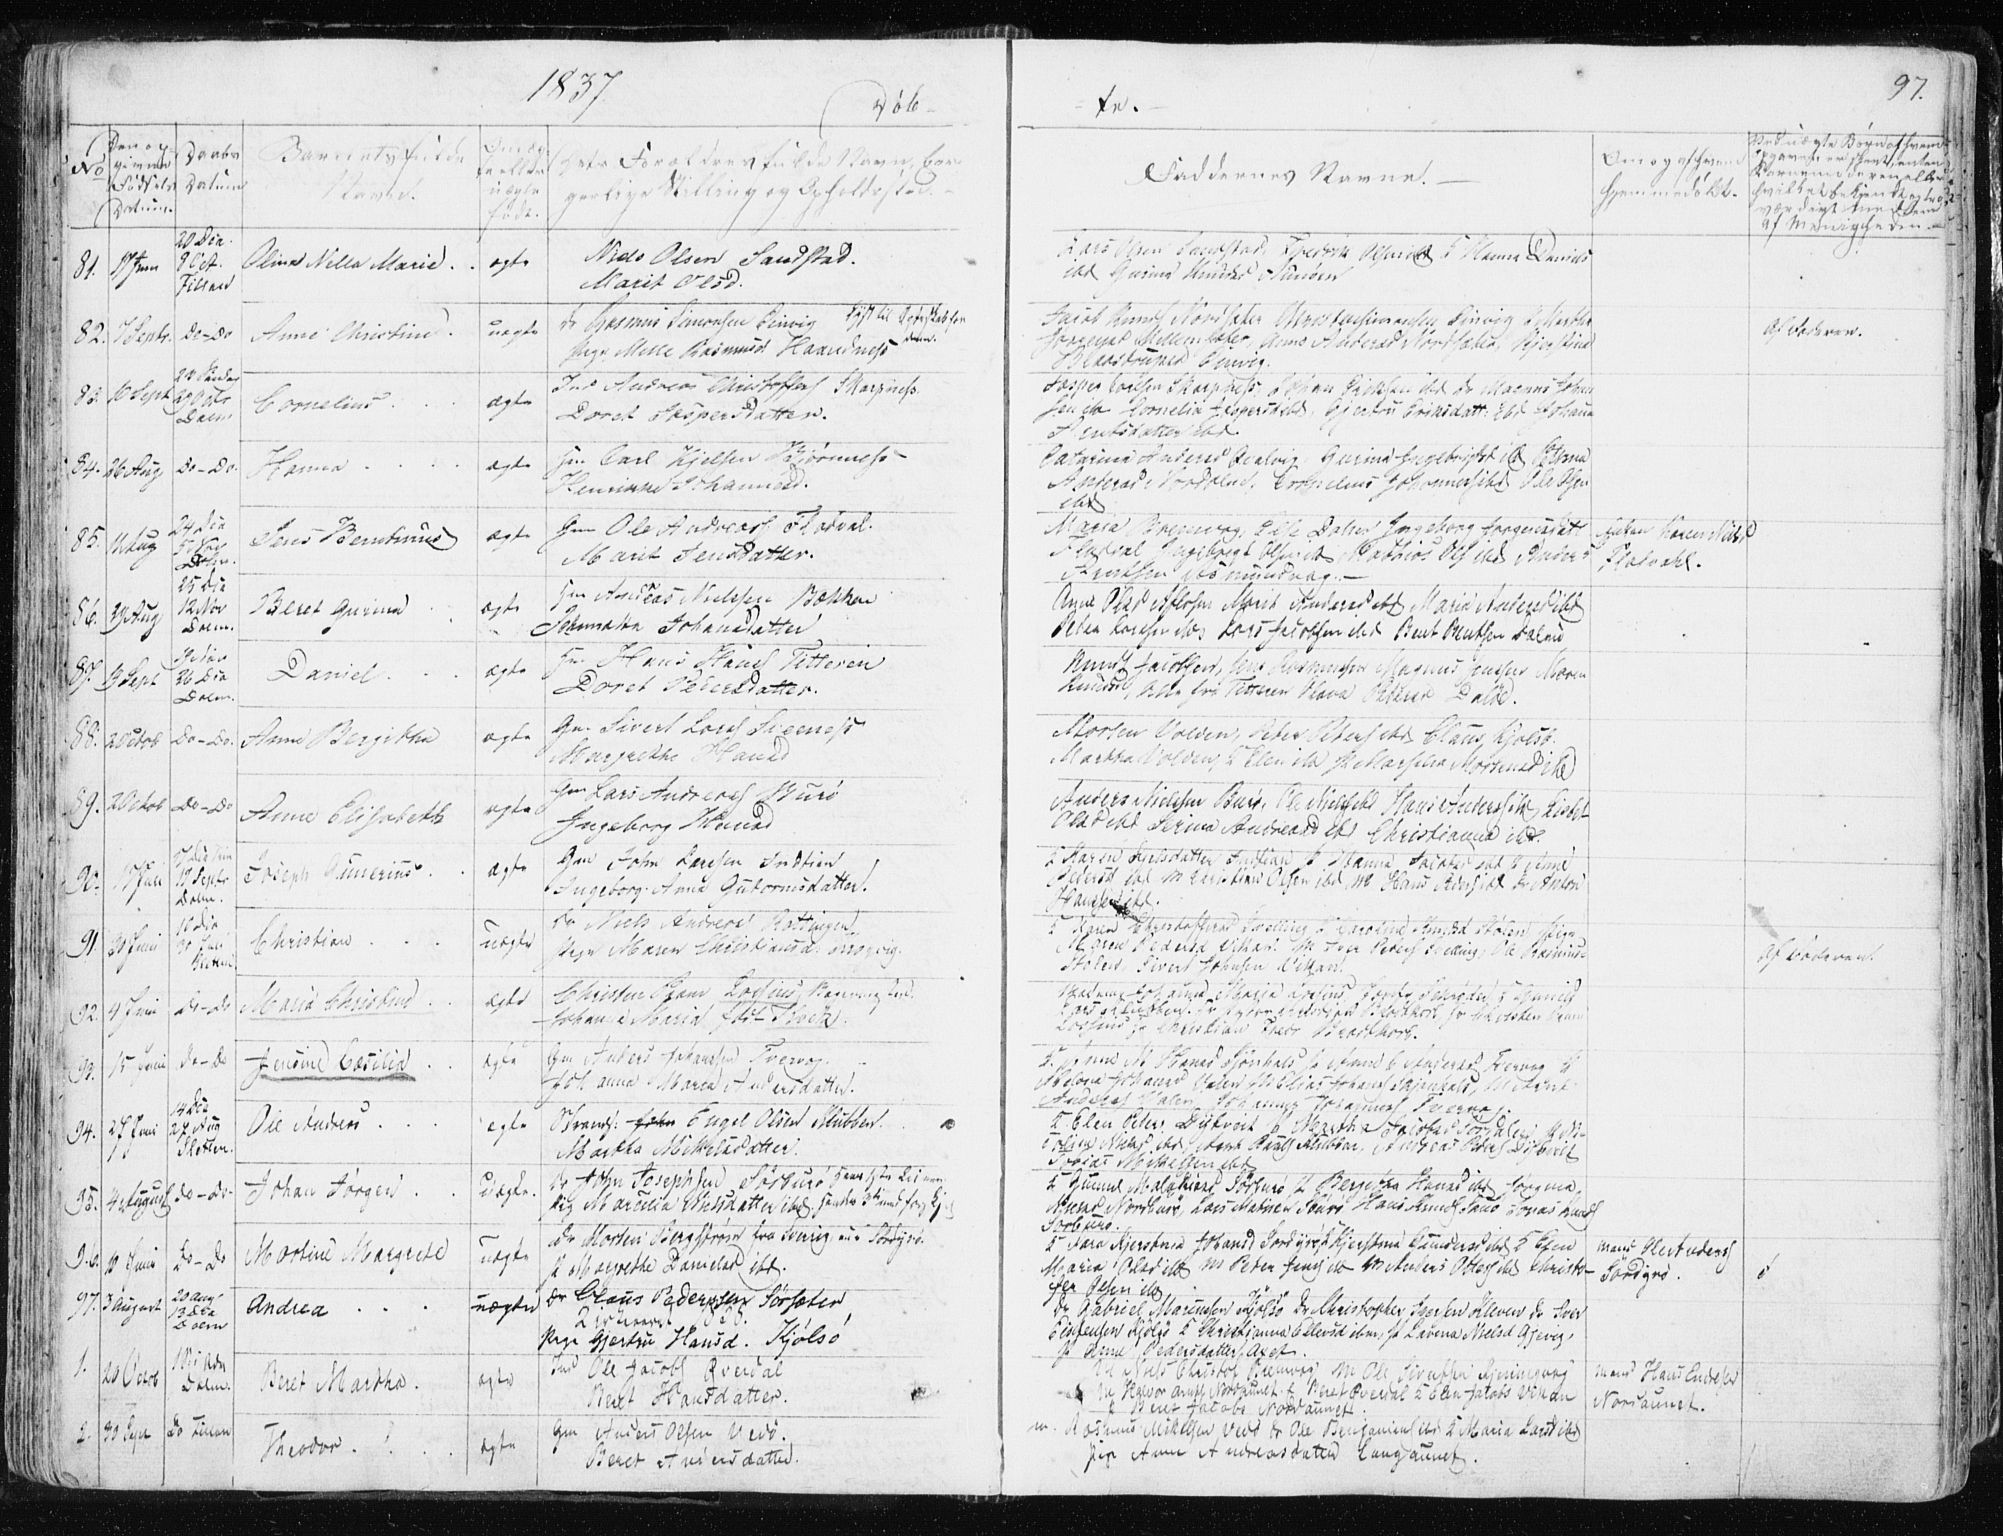 SAT, Ministerialprotokoller, klokkerbøker og fødselsregistre - Sør-Trøndelag, 634/L0528: Ministerialbok nr. 634A04, 1827-1842, s. 97